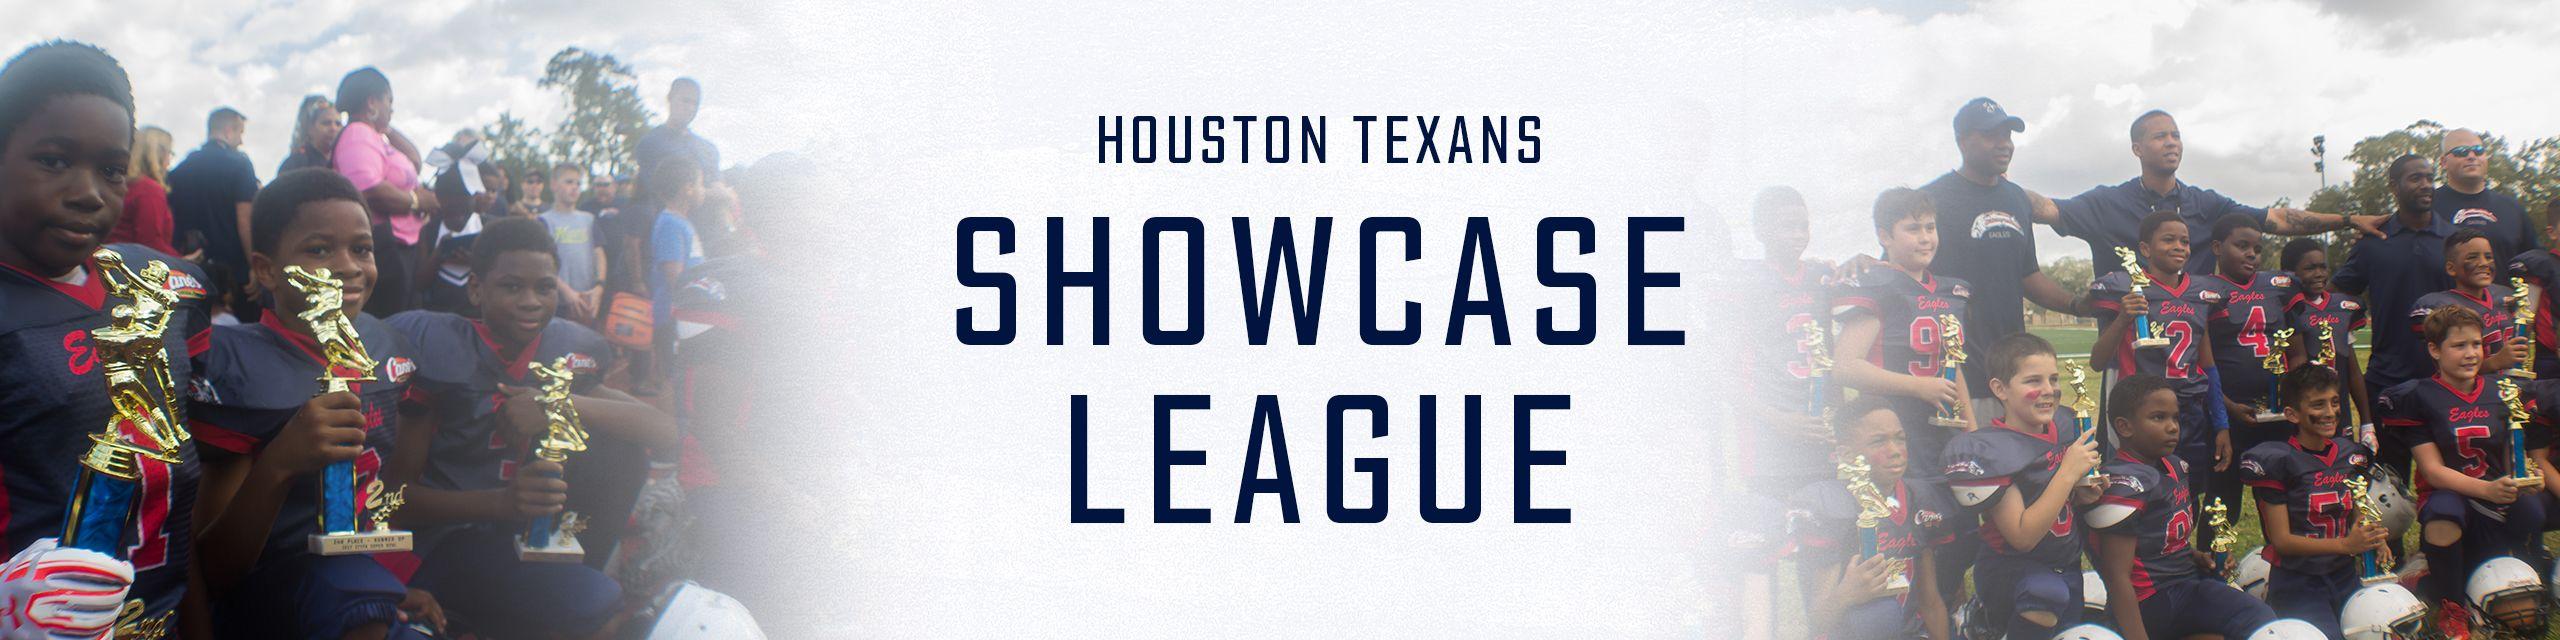 Houston Texans Showcase League